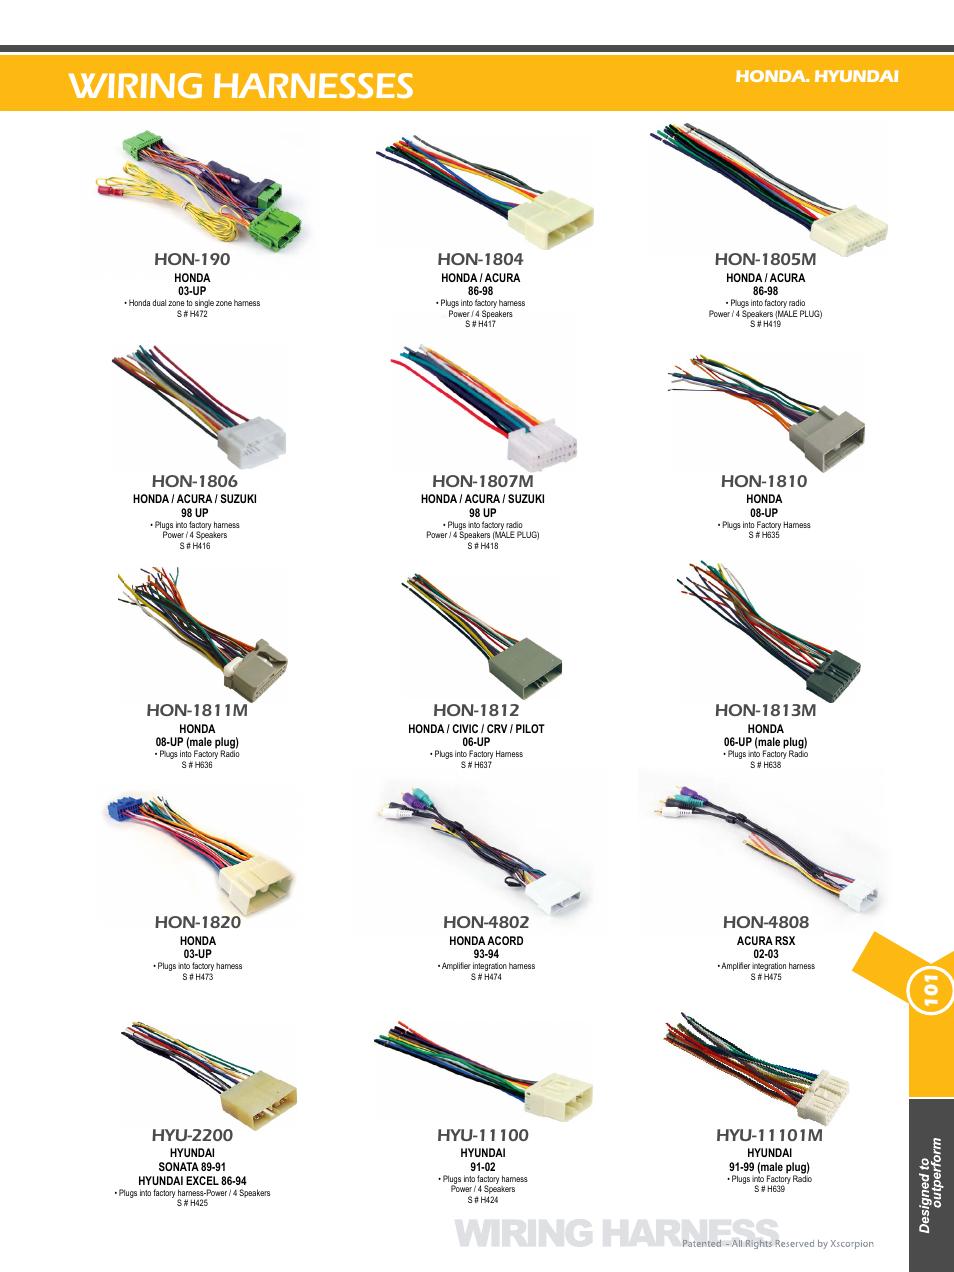 Wiring harnesses, Hon-1806, Hon-1807m | Hon-1804, Hon